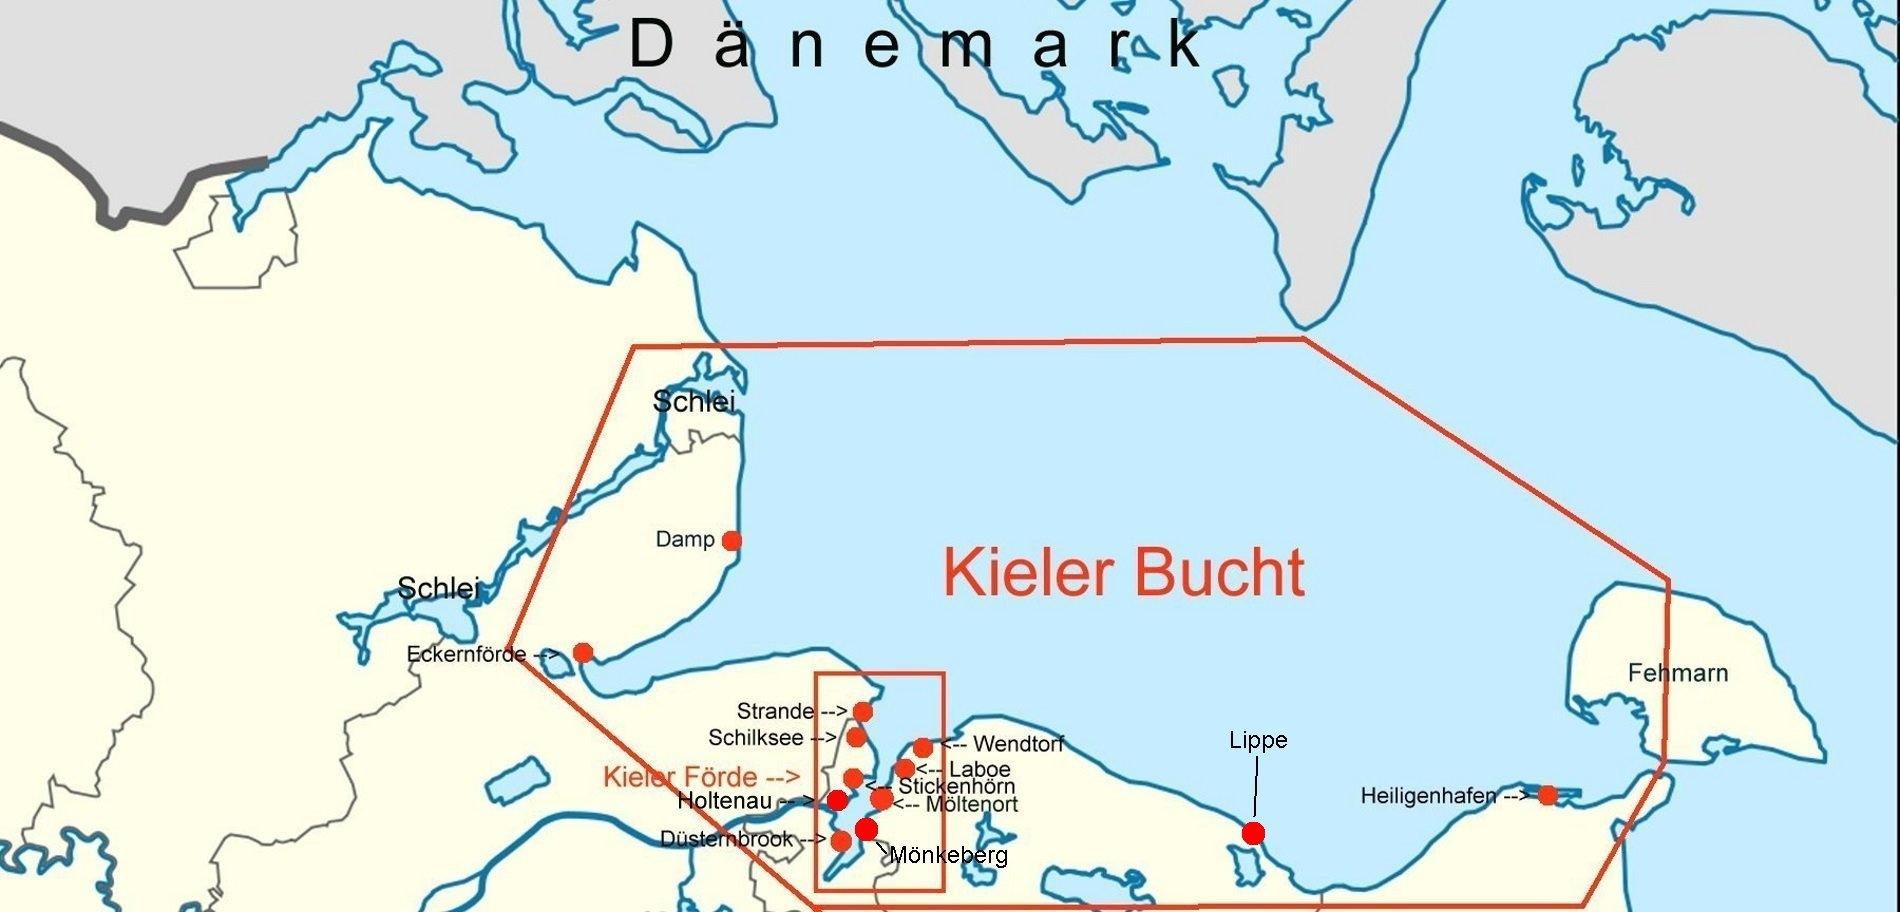 Kieler Bucht Karte.Online Hafenhandbuch Deutschland Kieler Bucht Und Die Häfen